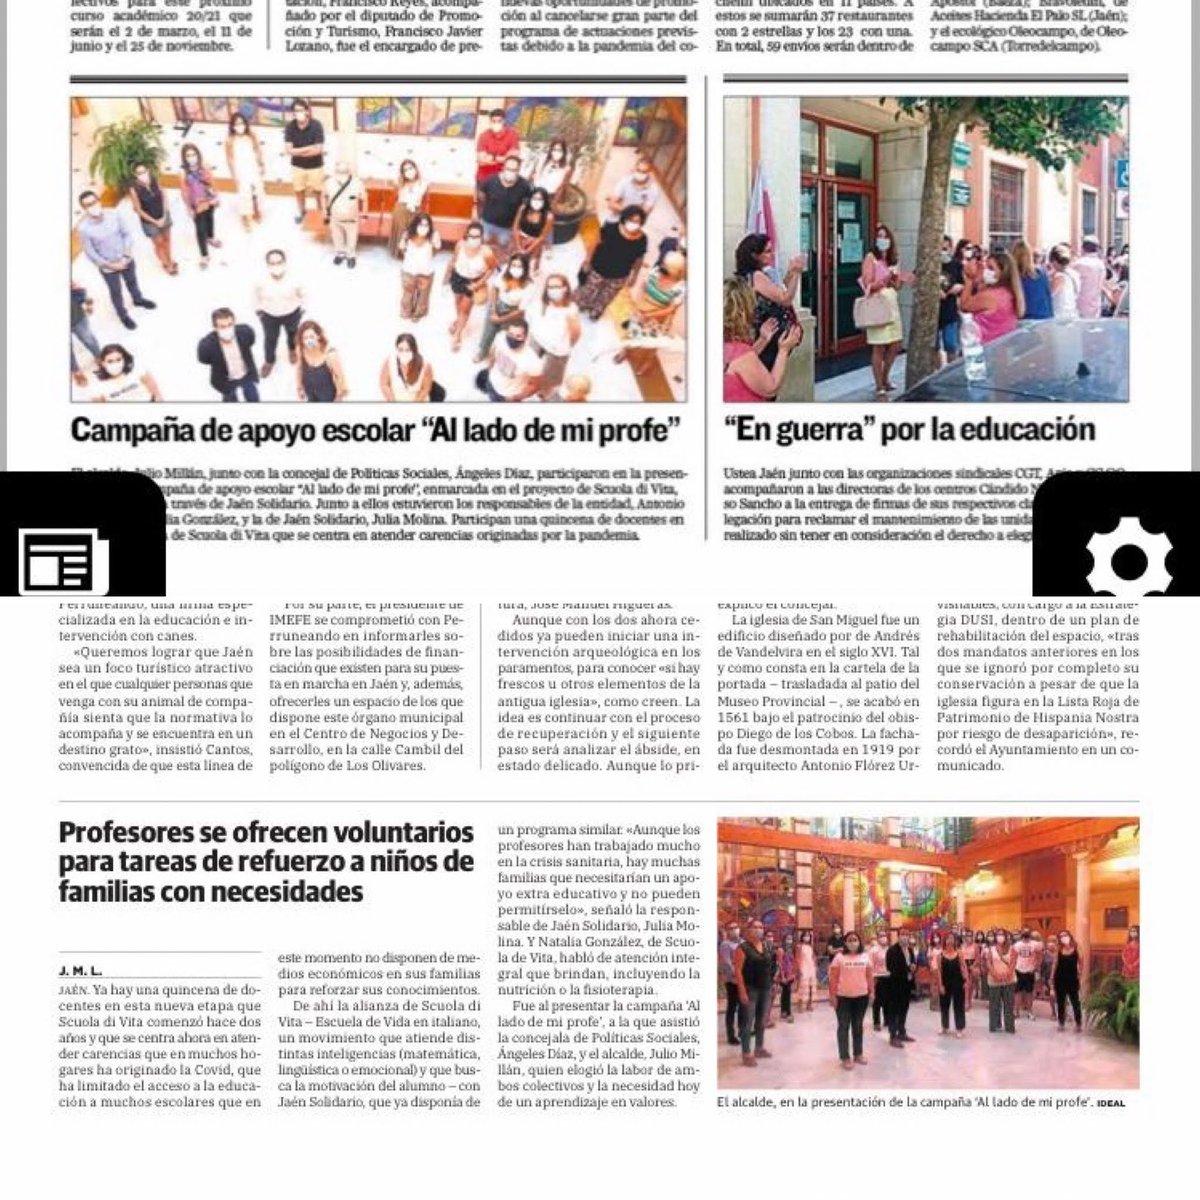 Campaña de refuerzo escolar a los niños de las familias de Jaén Solidario. Gracias a los profesores/as voluntarios que la hacen posible @SCUOLADIVITA2 #jaen https://t.co/Xy2RteLSW6